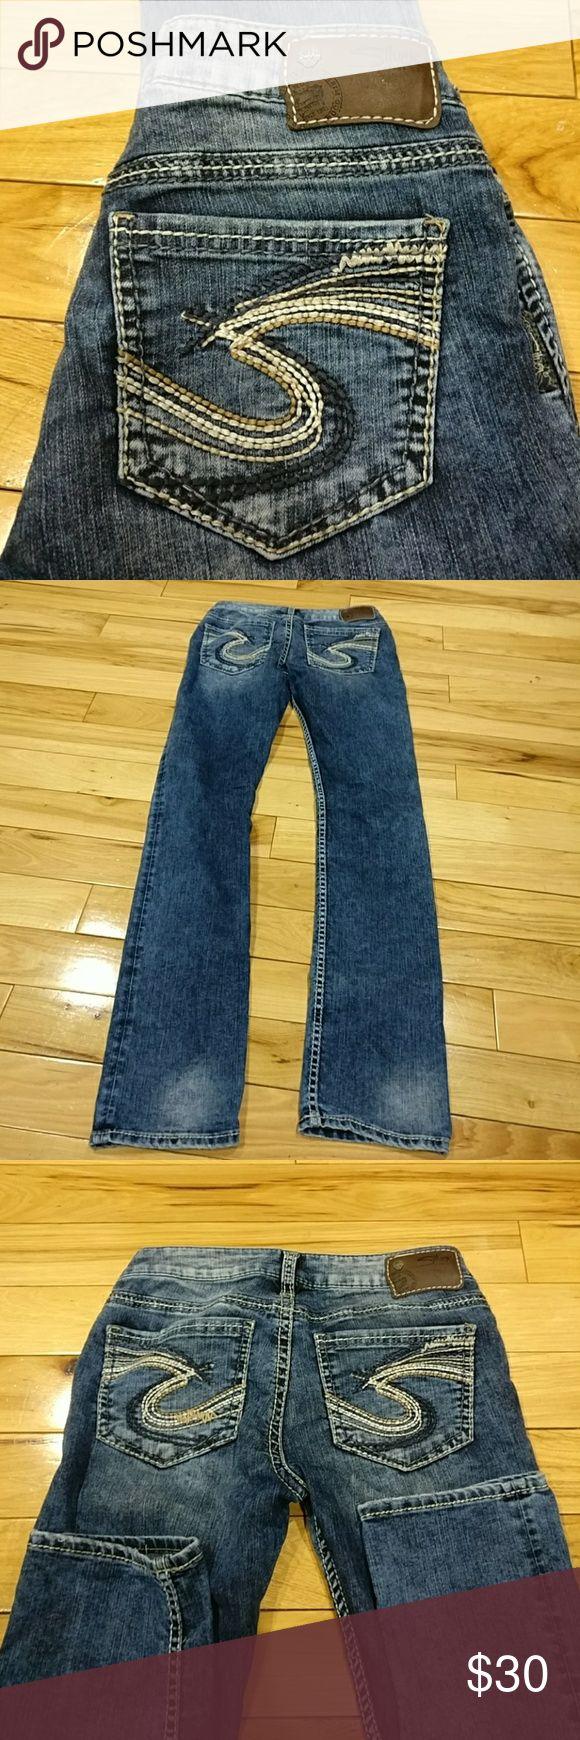 17 Best ideas about Women's Silver Jeans on Pinterest   Women's ...